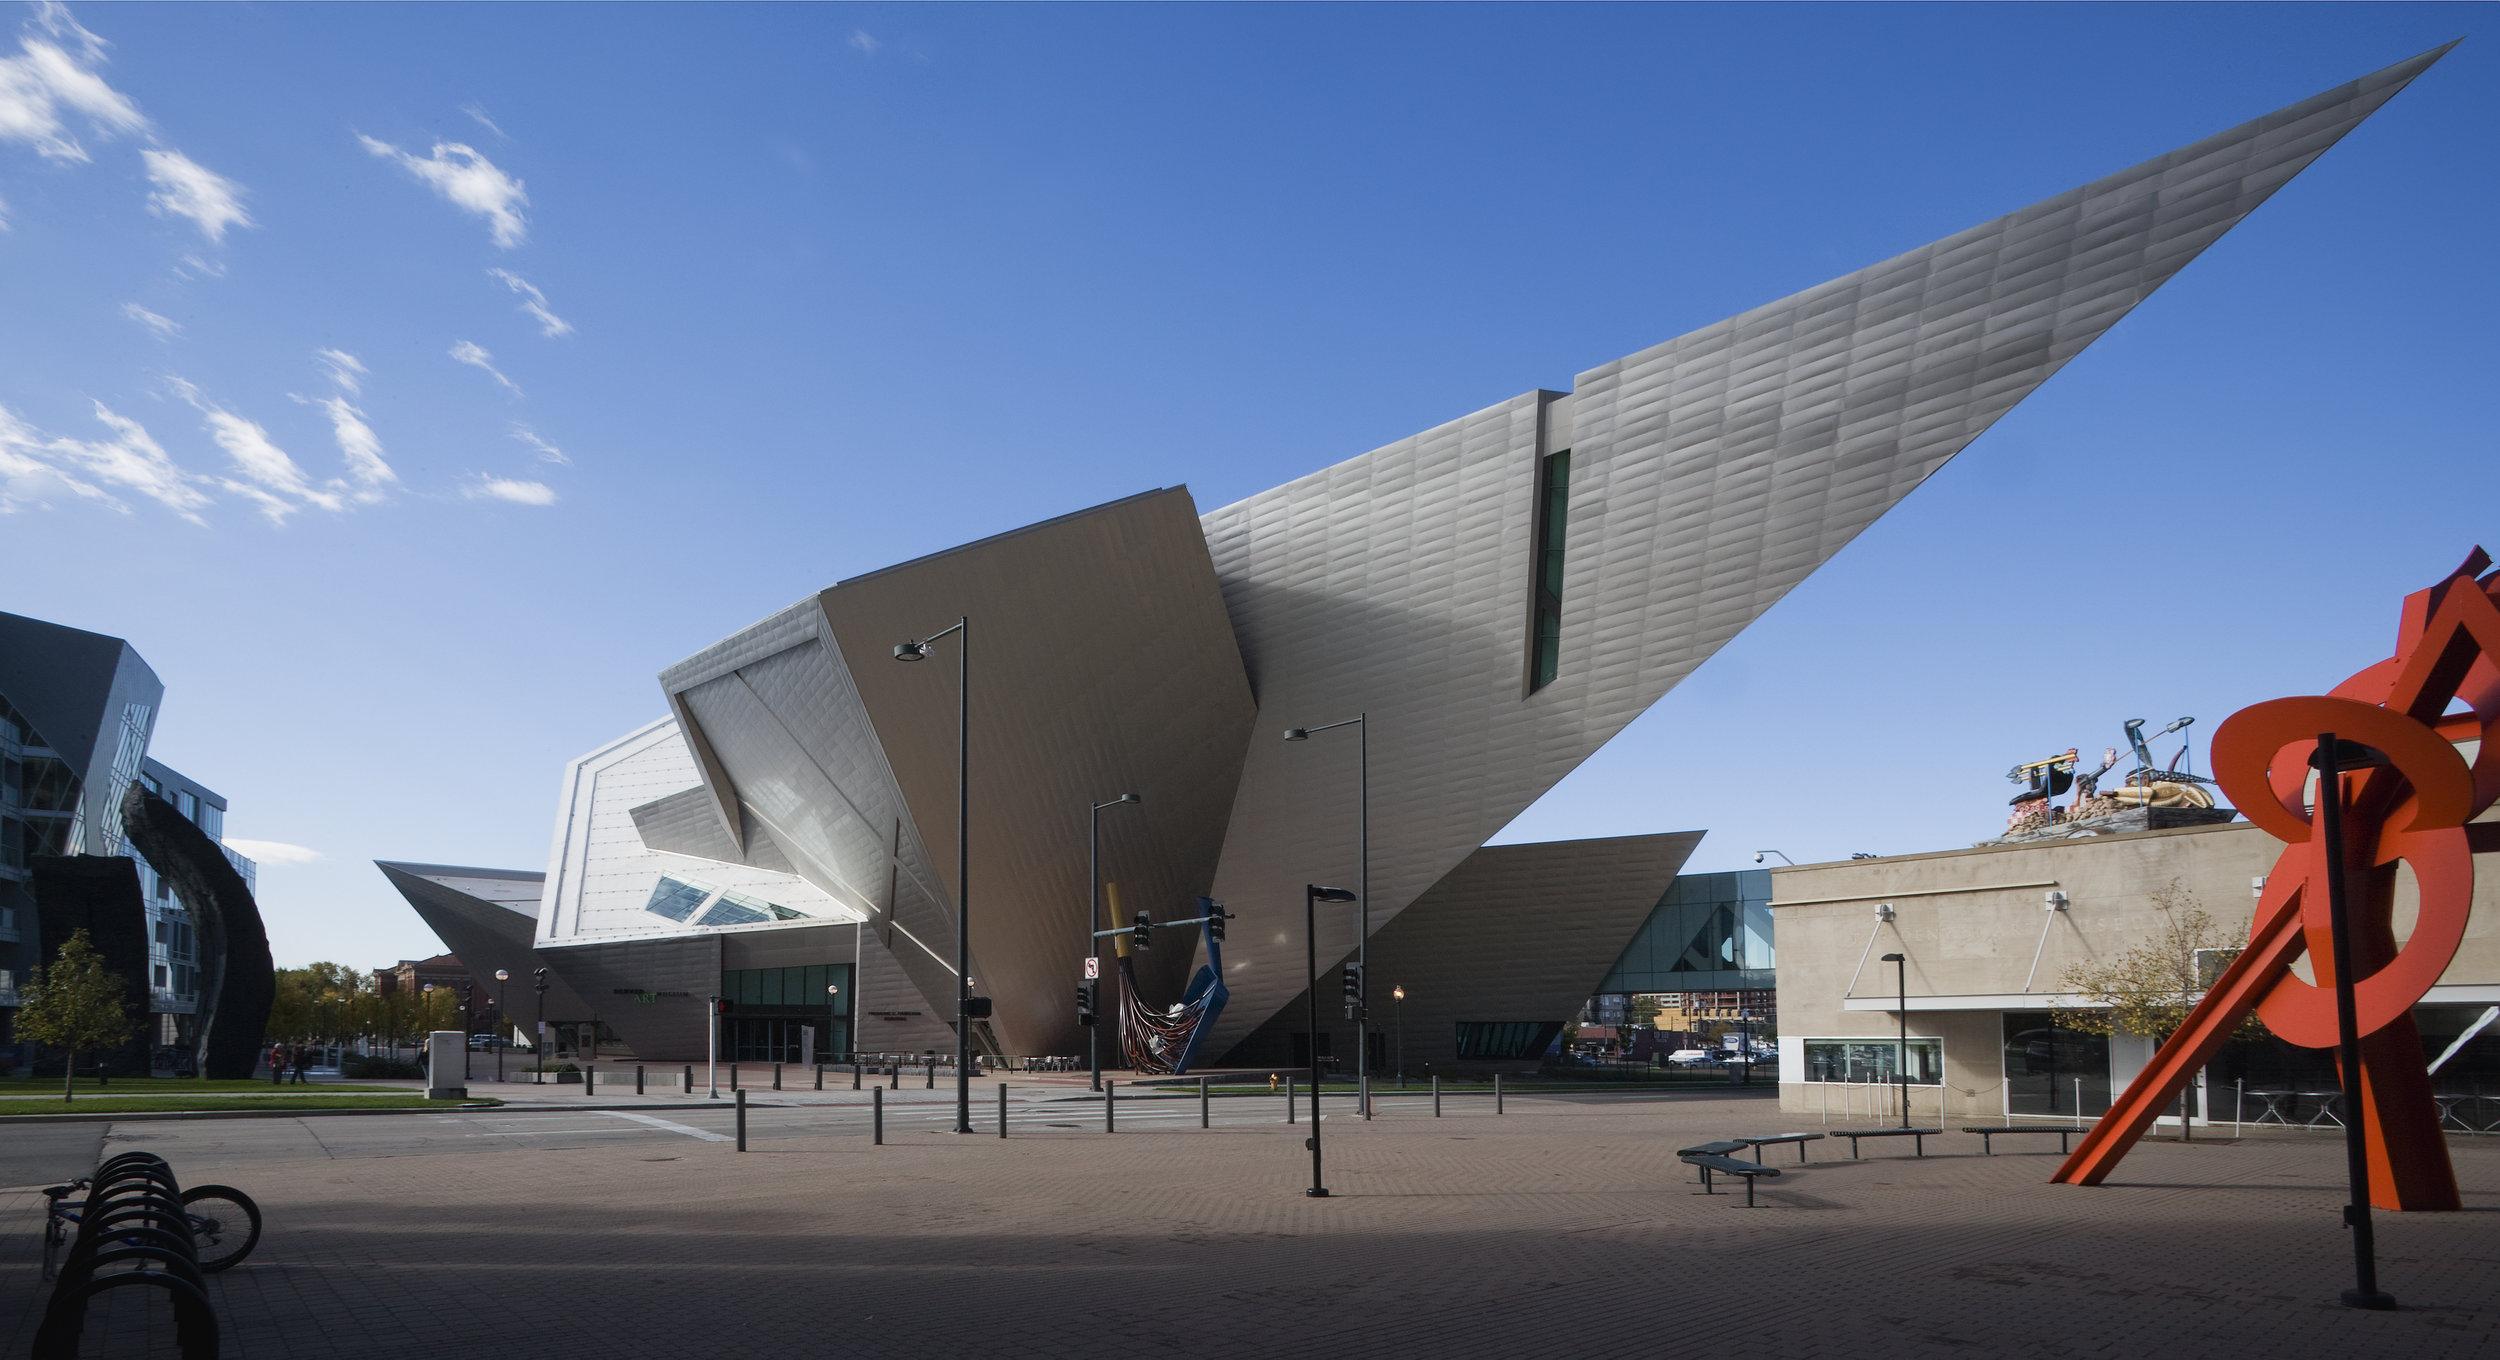 Denver Art Museum 100 W 14th Ave Pkwy, Denver, CO 80204